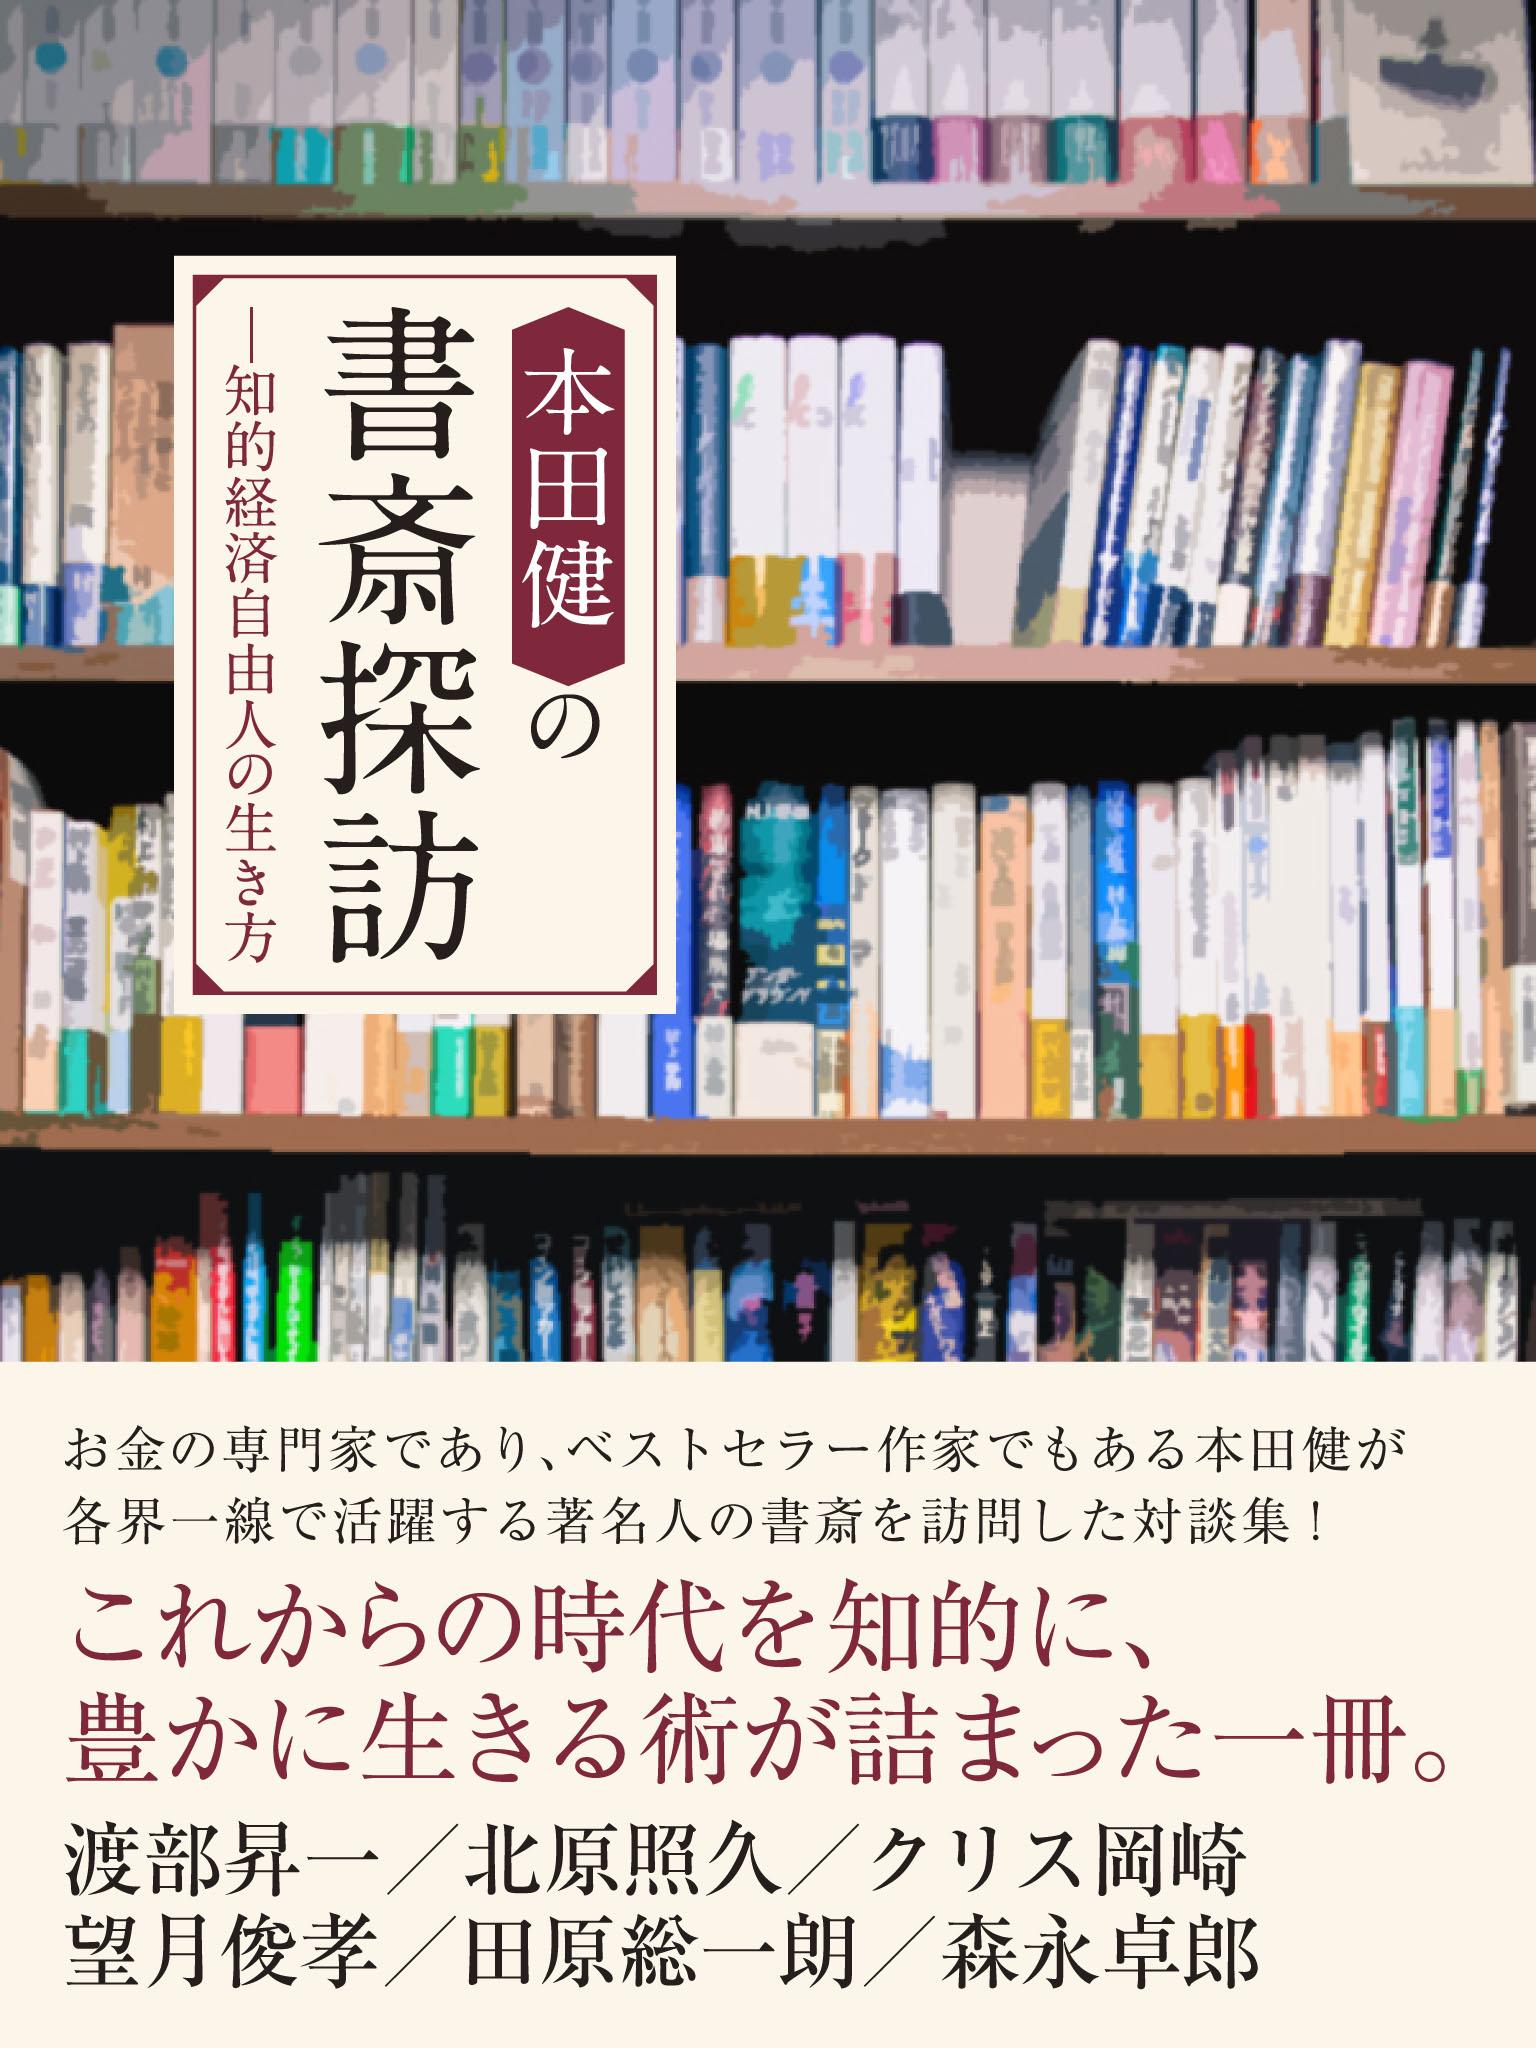 本田健の書斎探訪 ―知的経済自由人の生き方